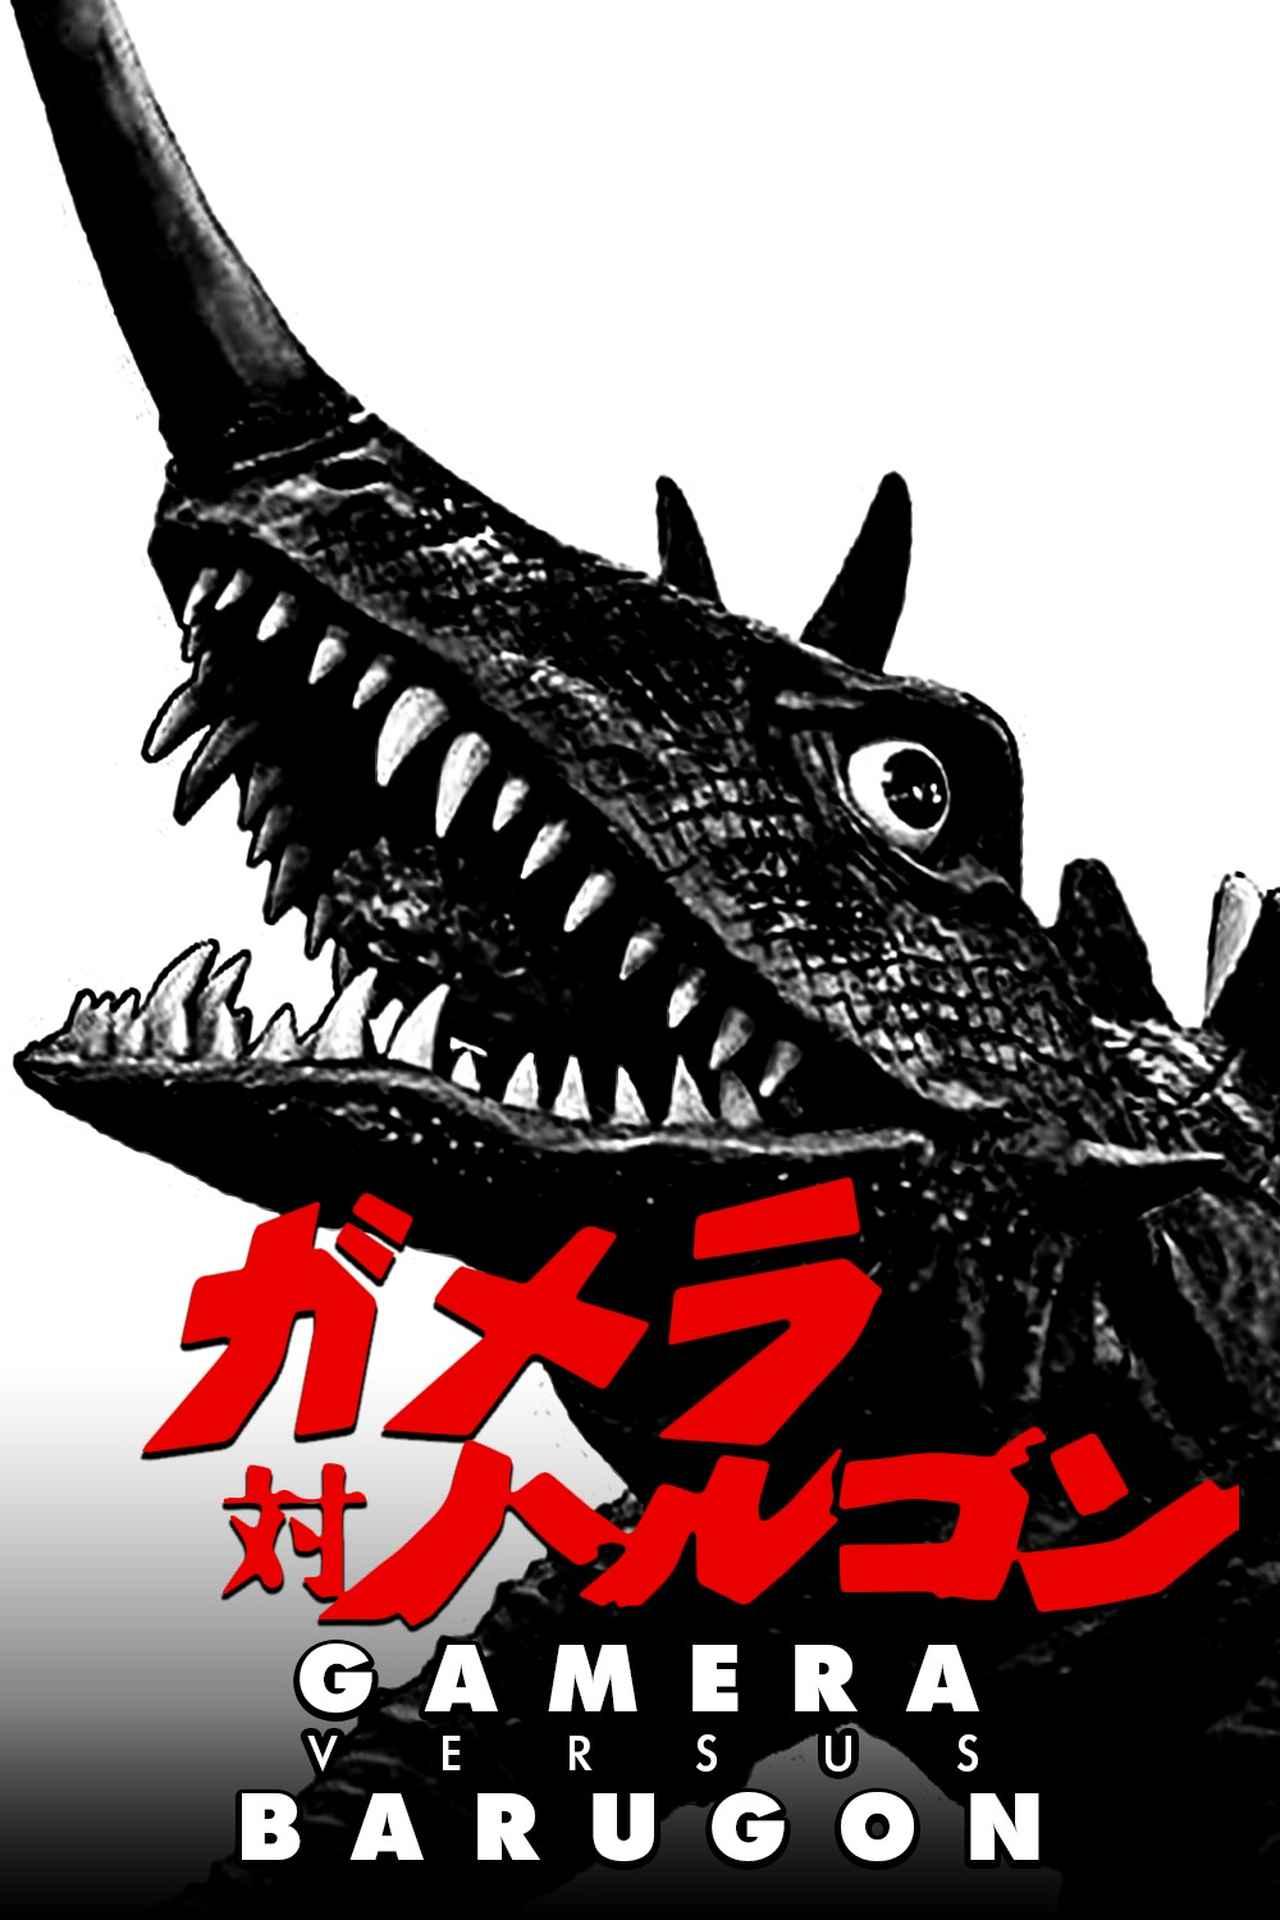 画像: 大怪獣決闘 ガメラ対バルゴン  1966 監督:田中重雄 出演:本郷功次郎 江波杏子